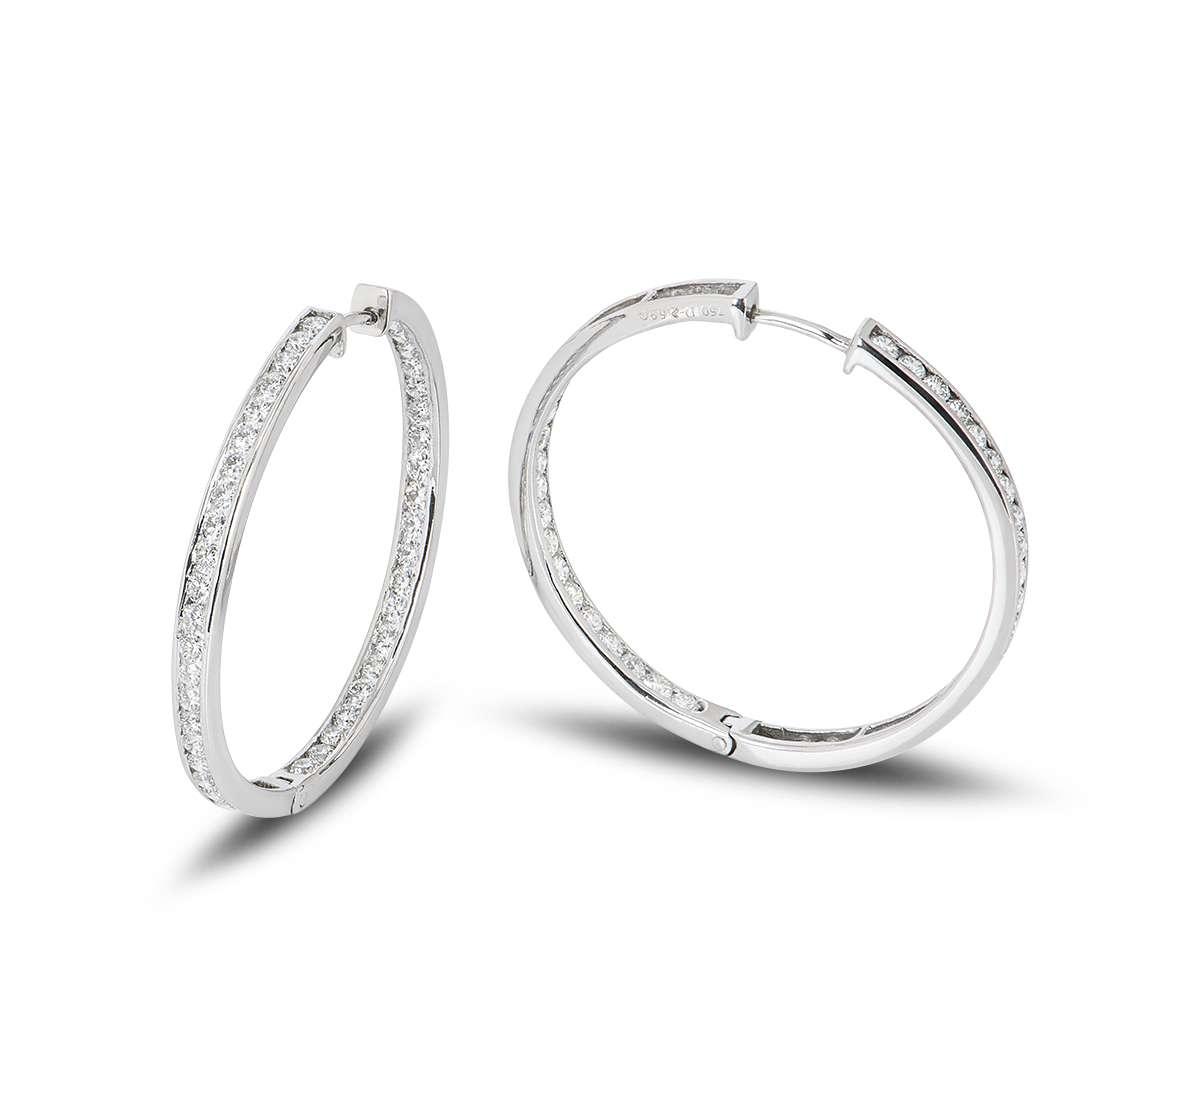 White Gold Diamond Set Hoop Earrings 2.59ct